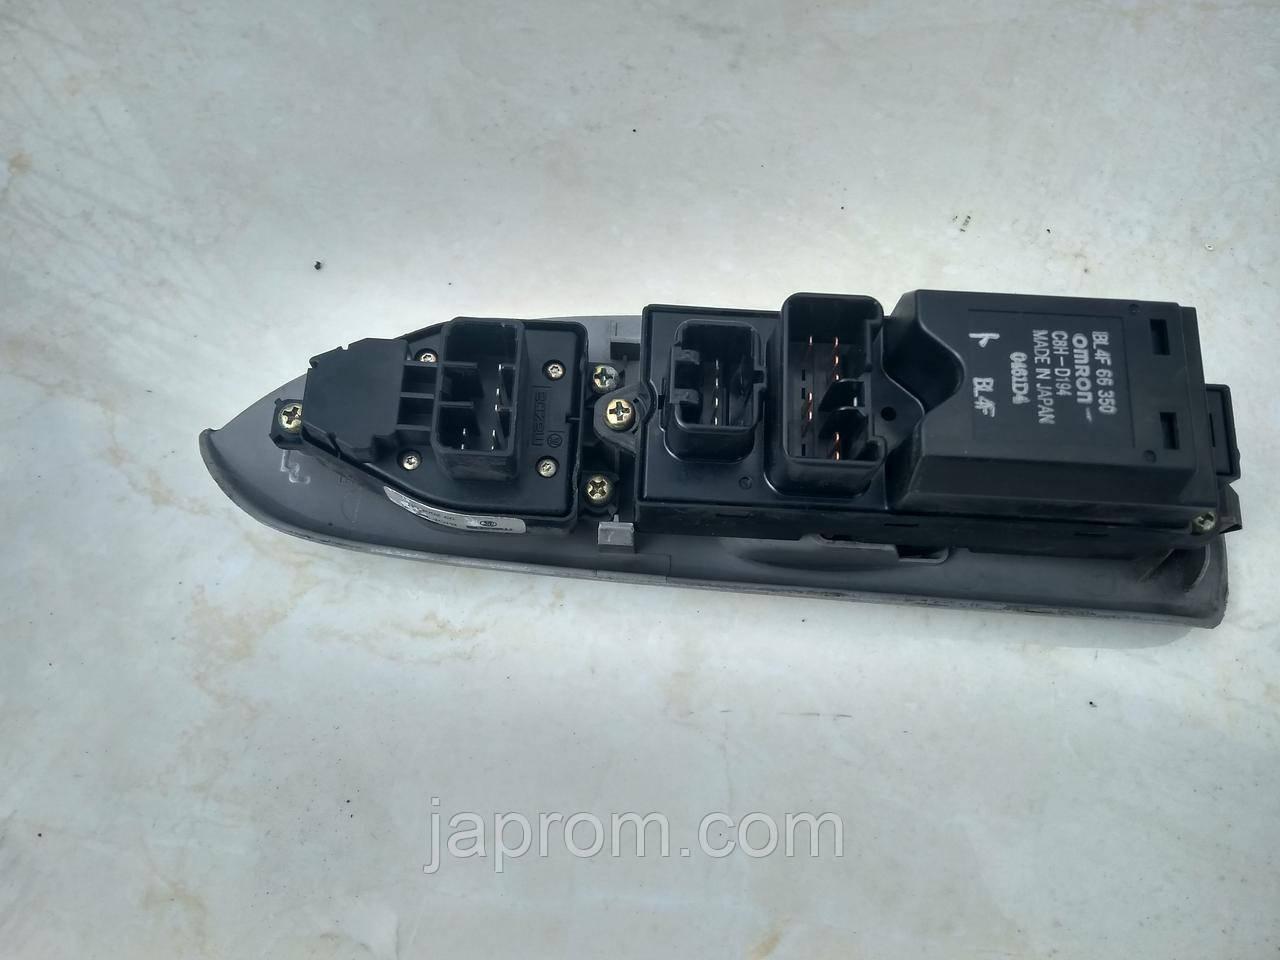 Блок кнопок стеклоподъемников и регулировки зеркал(на 4дв) Mazda 323 BJ Рестайл